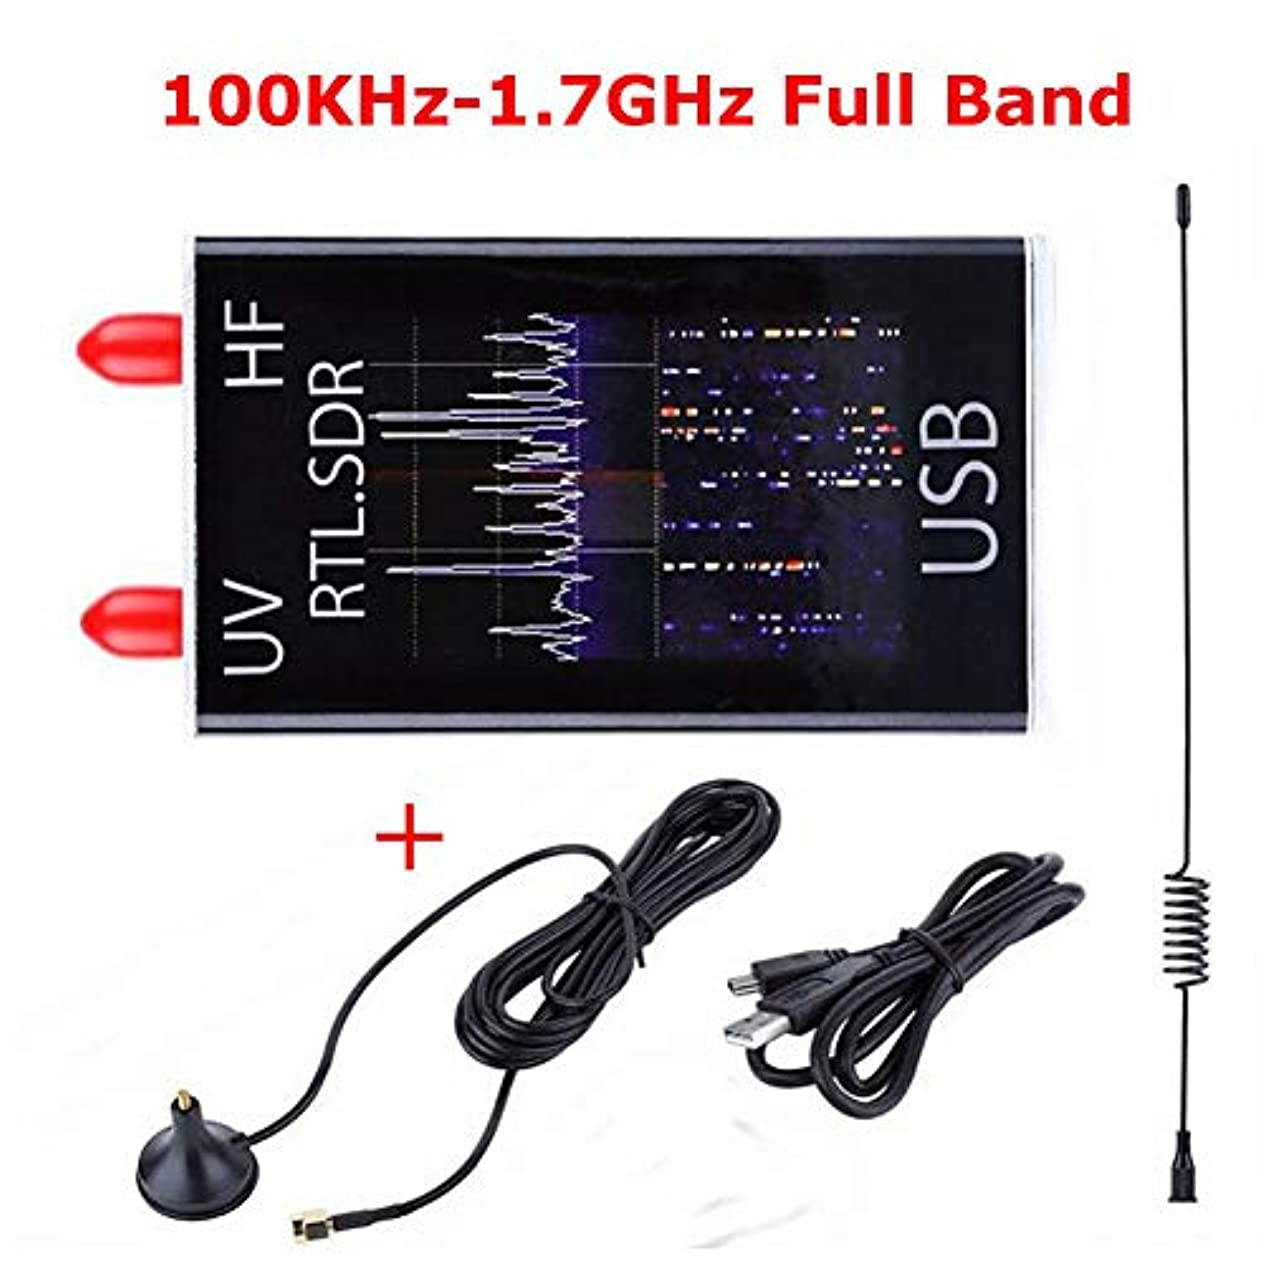 慰め新年超越するACHICOO 100KHz?1.7GHzフルバンドUV HF RTL-SDR USBチューナーレシーバ/ R820T + 8232ハムラジオ